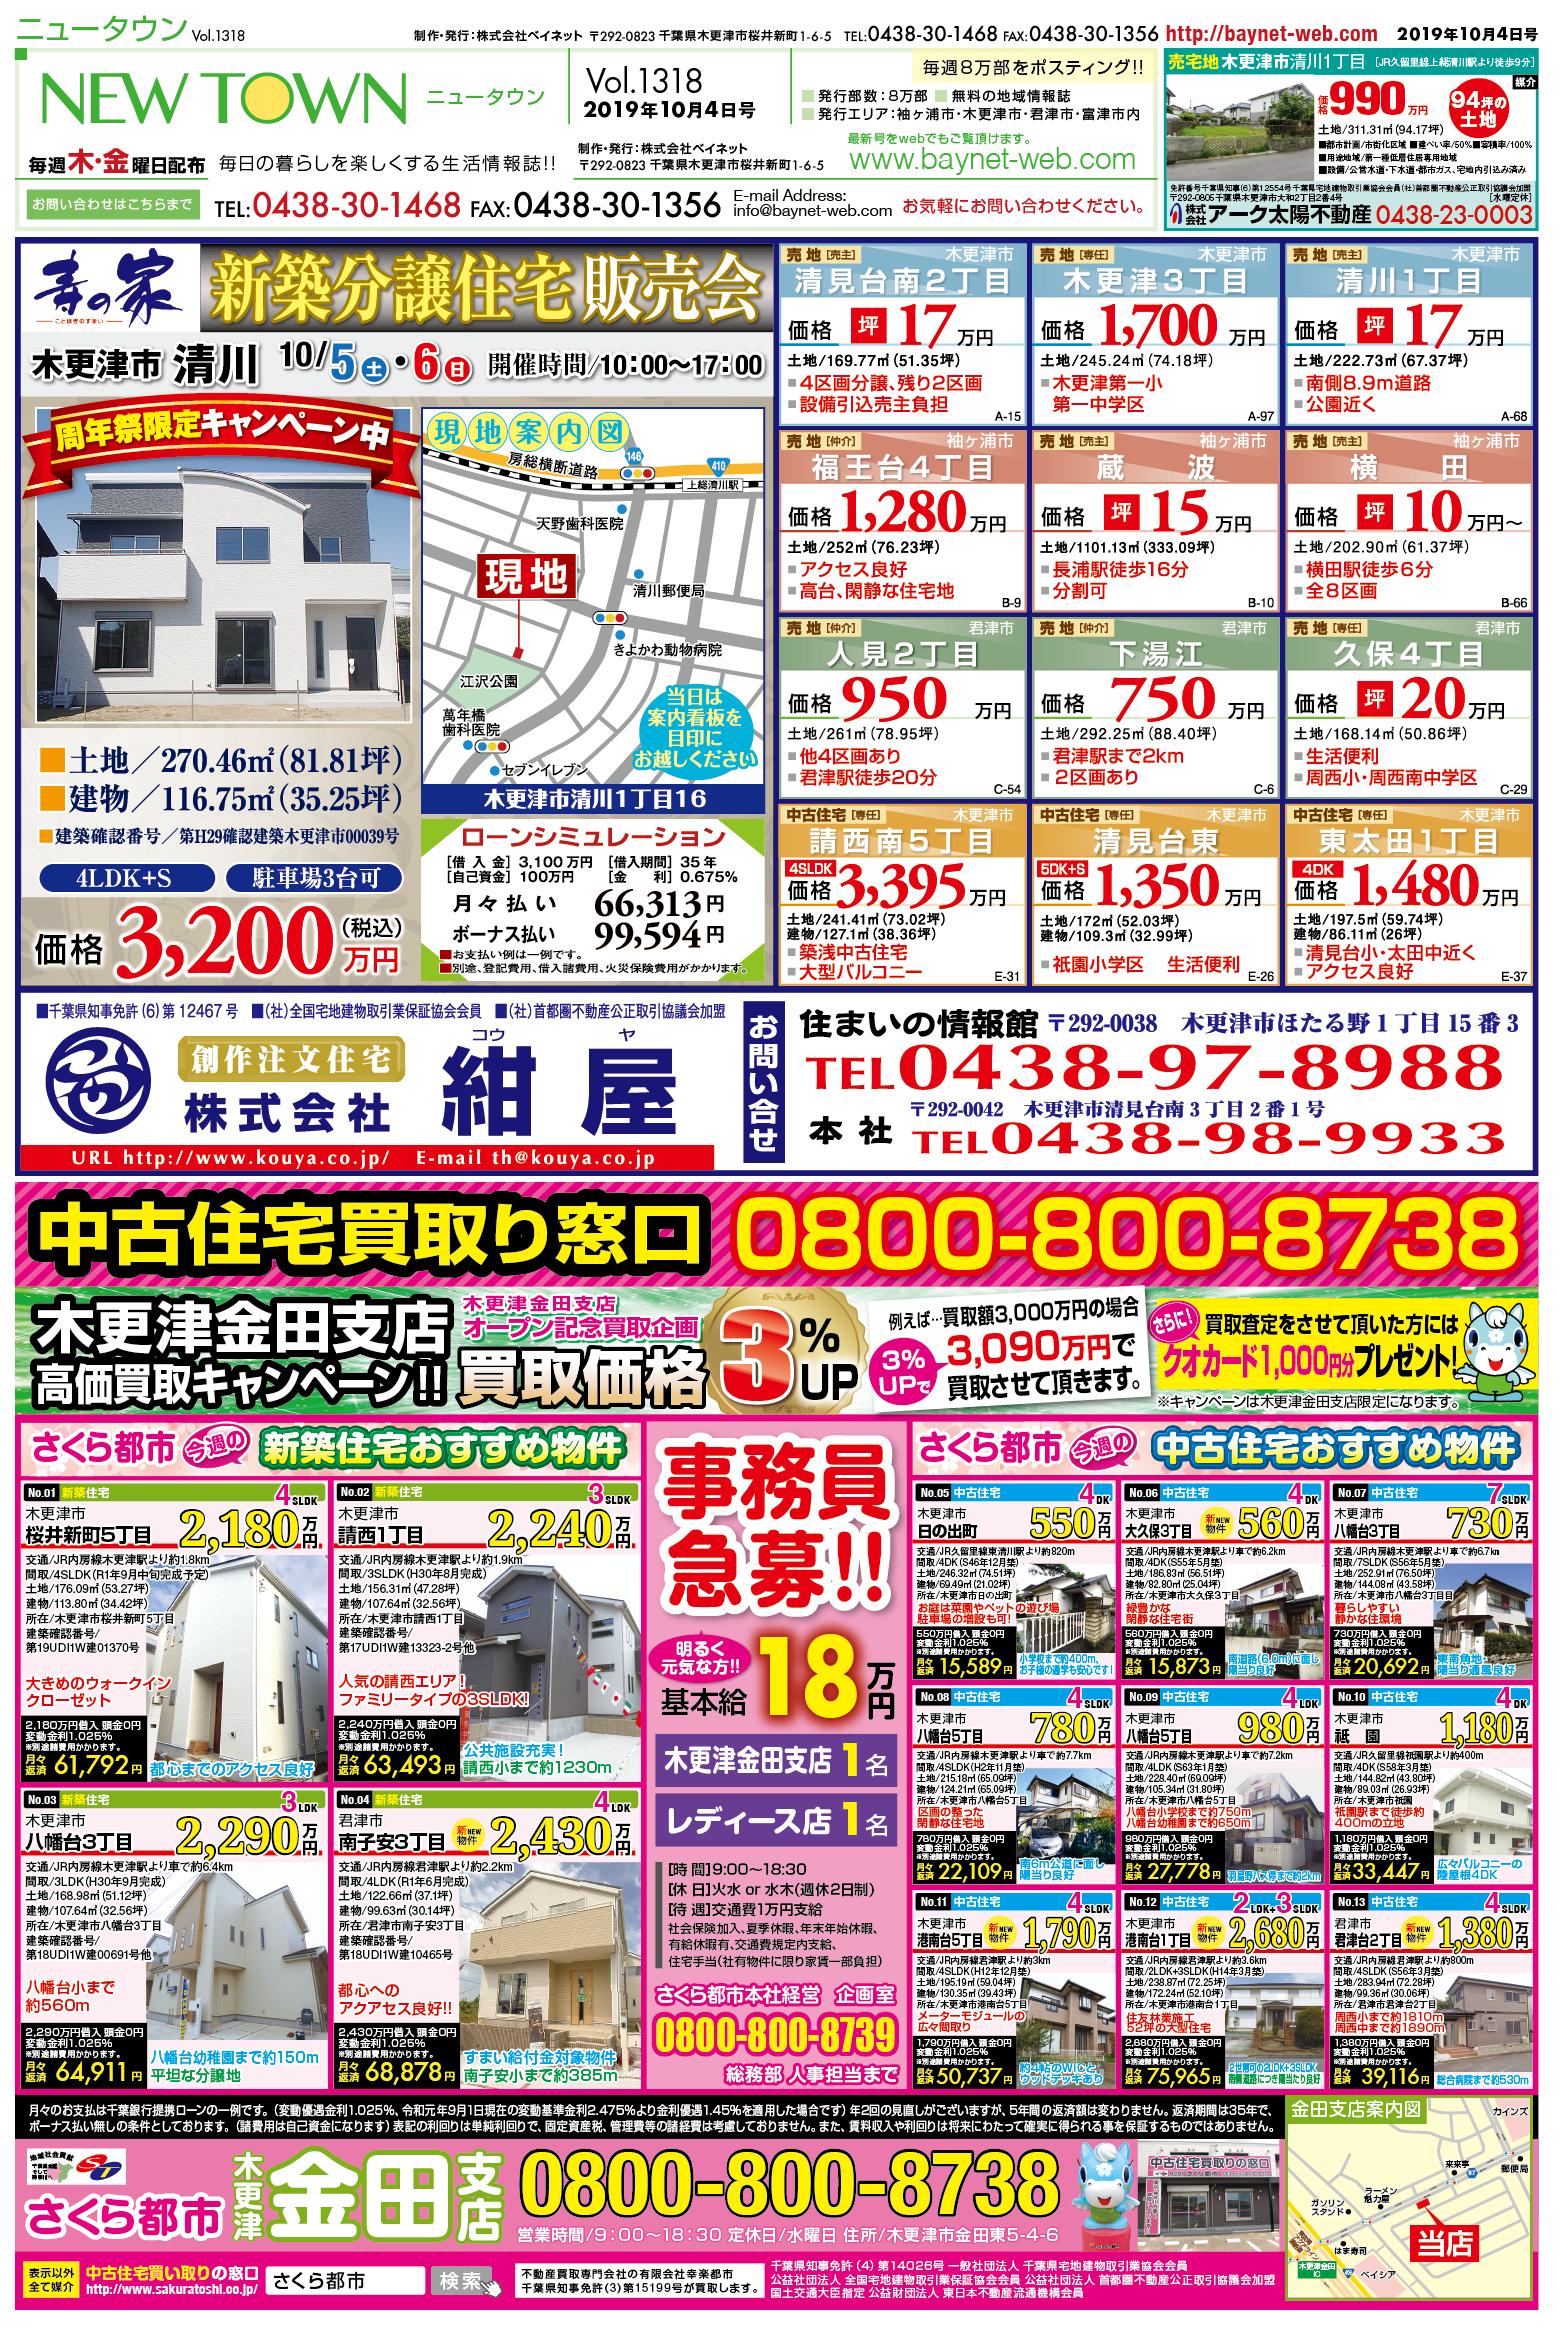 寿の家紺屋 さくら都市金田支店